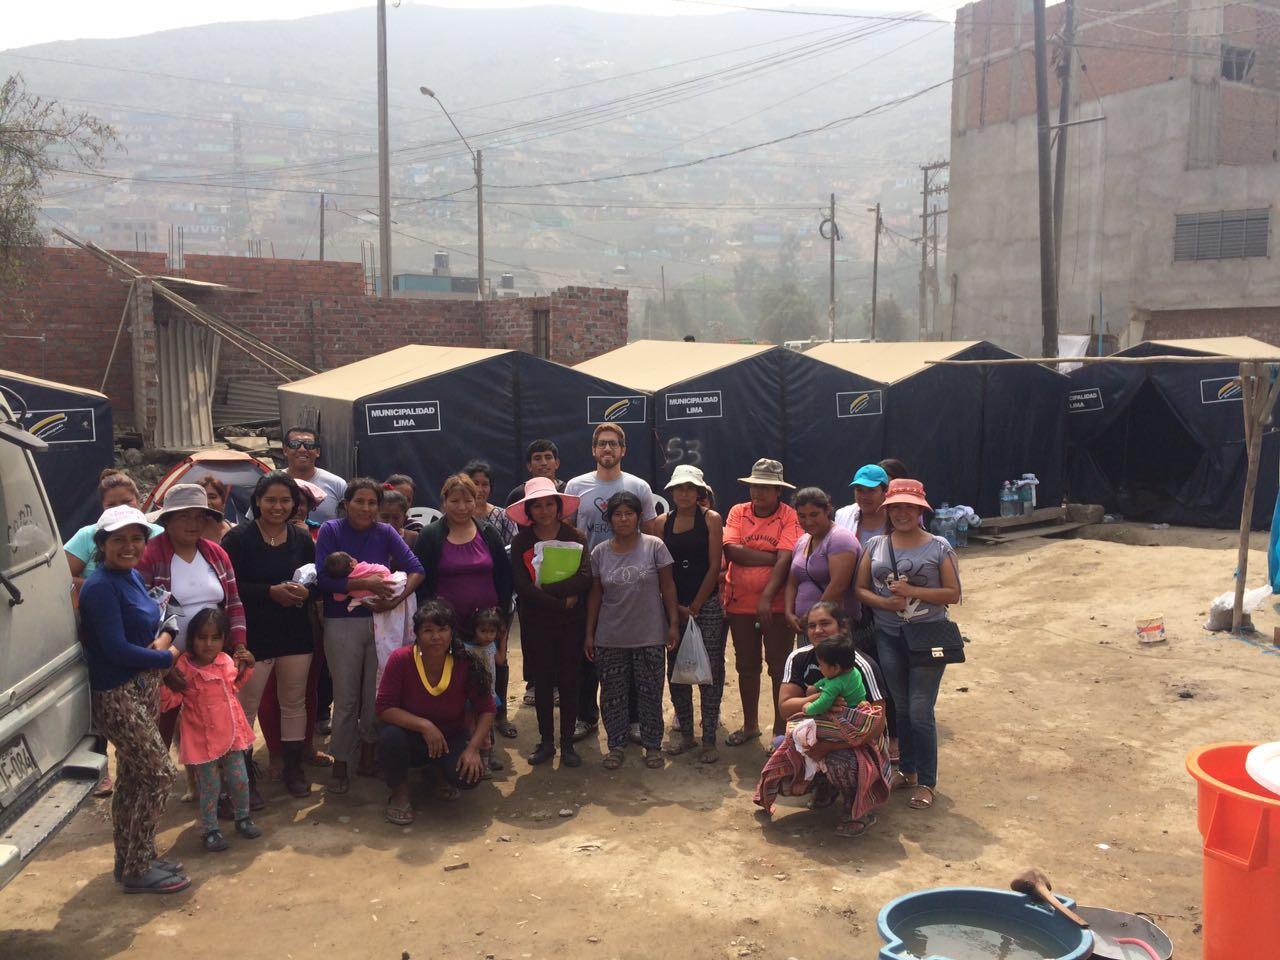 Santa Rosa del Tren 2017 - Huaicos